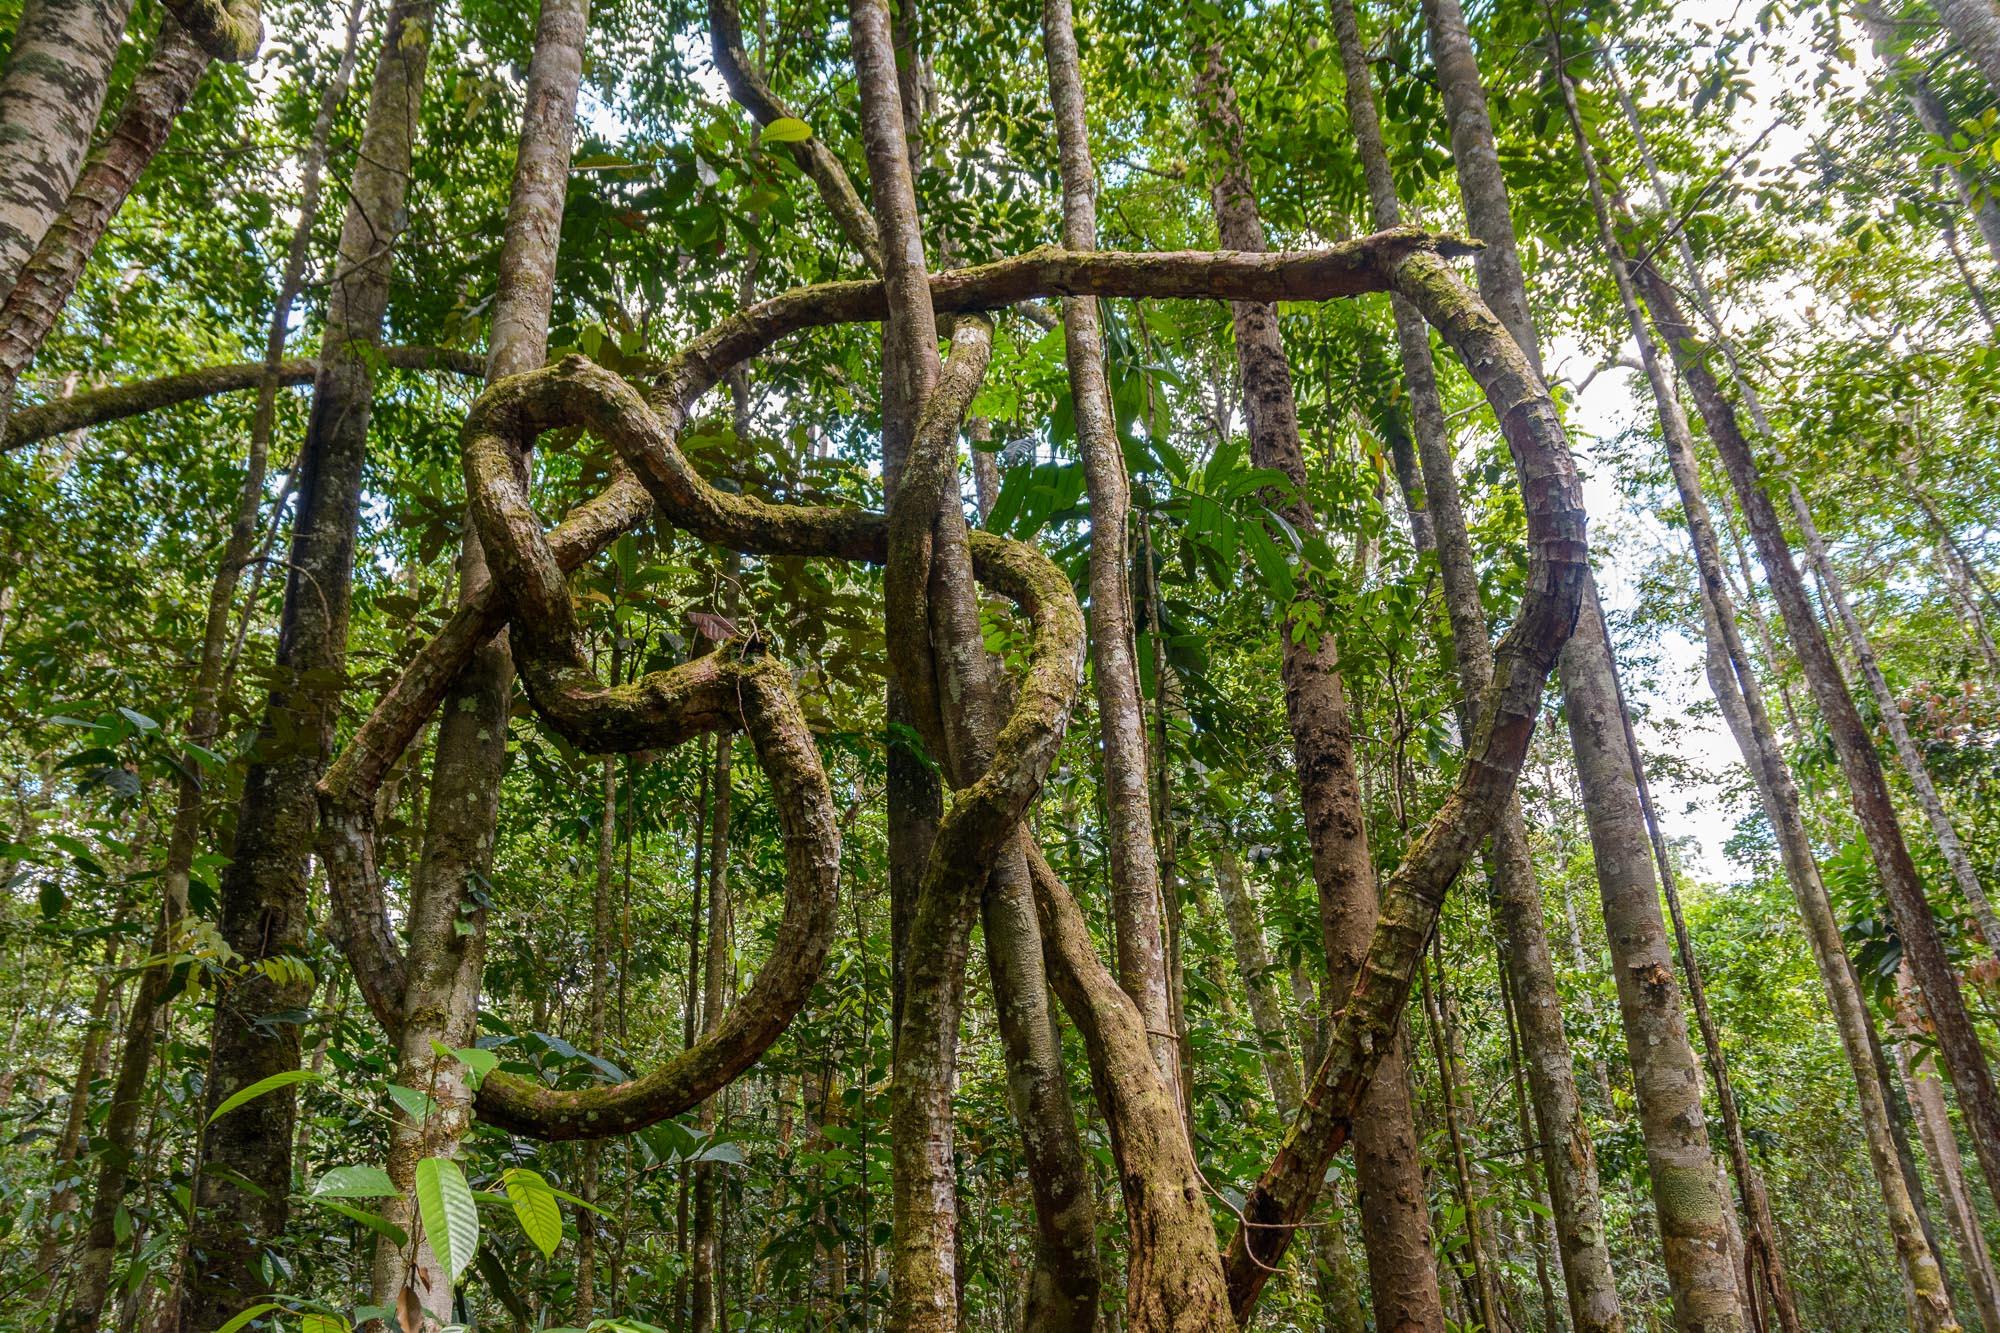 Wohin wächst nur der Baum